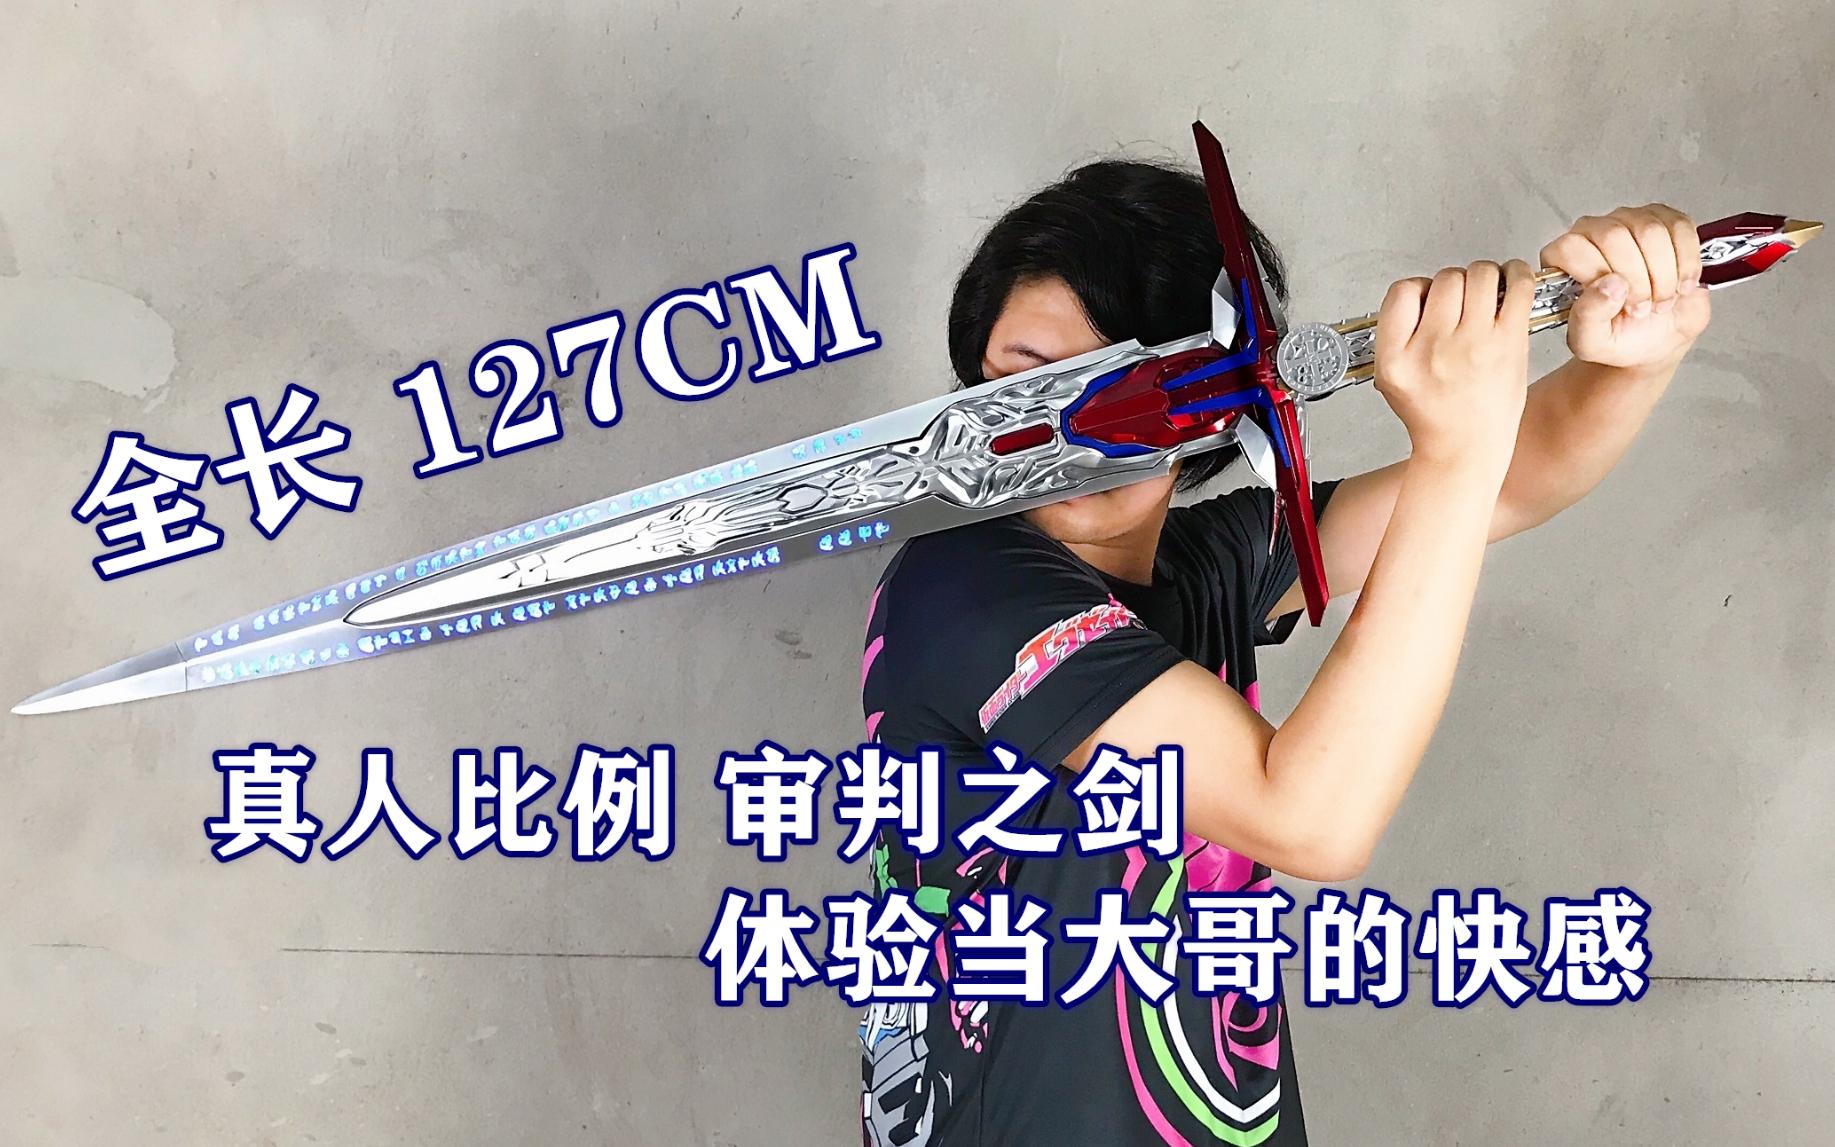 真人比例 审判之剑 变形金刚真人版擎天柱武器 AAT出品 大鹏评测